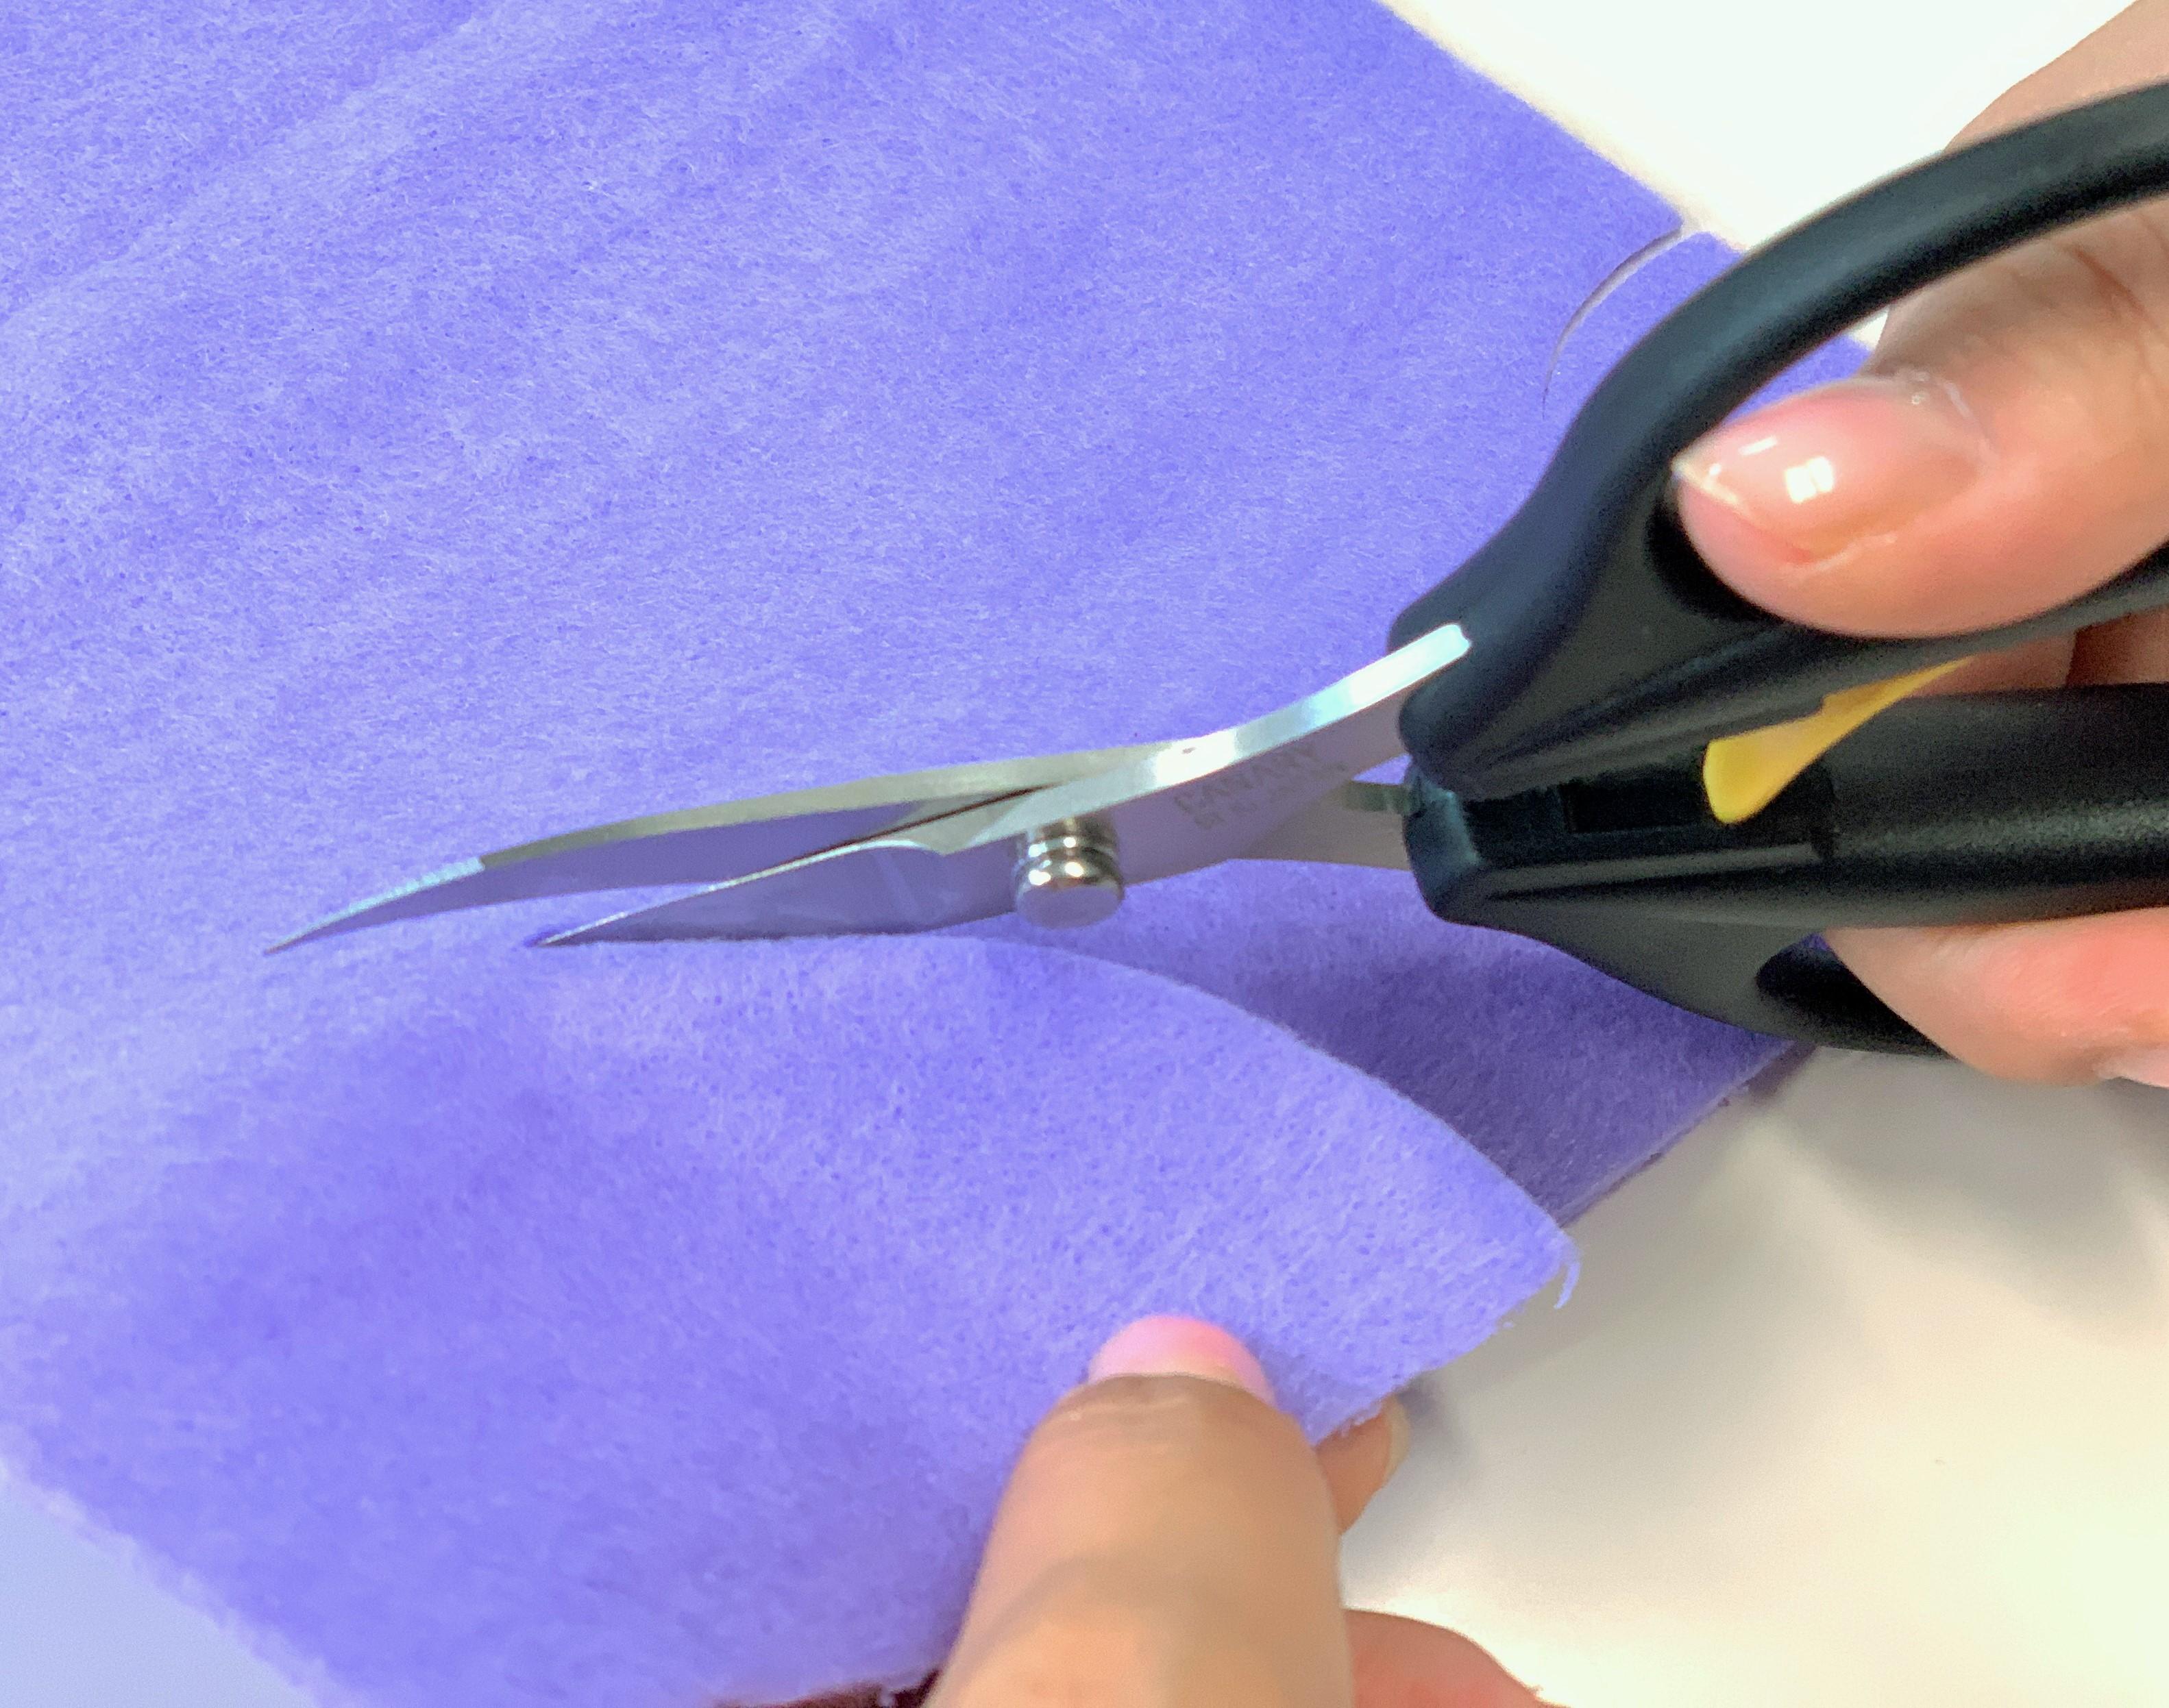 【新商品情報】アームレスラー 薄刃カーブ 尖りを発売します